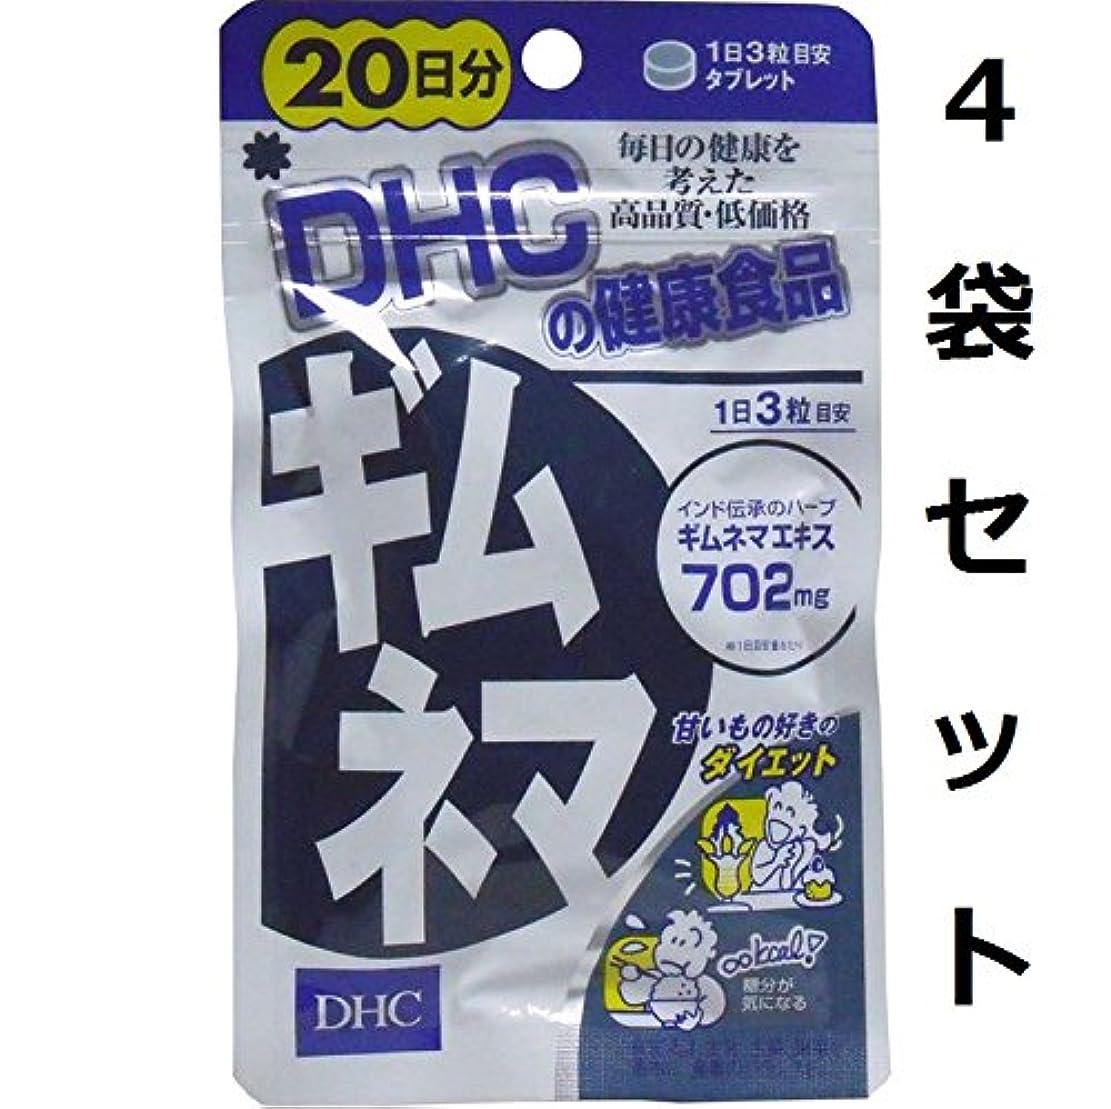 勇気真珠のようなルート余分な糖分をブロック DHC ギムネマ 20日分 60粒 4袋セット